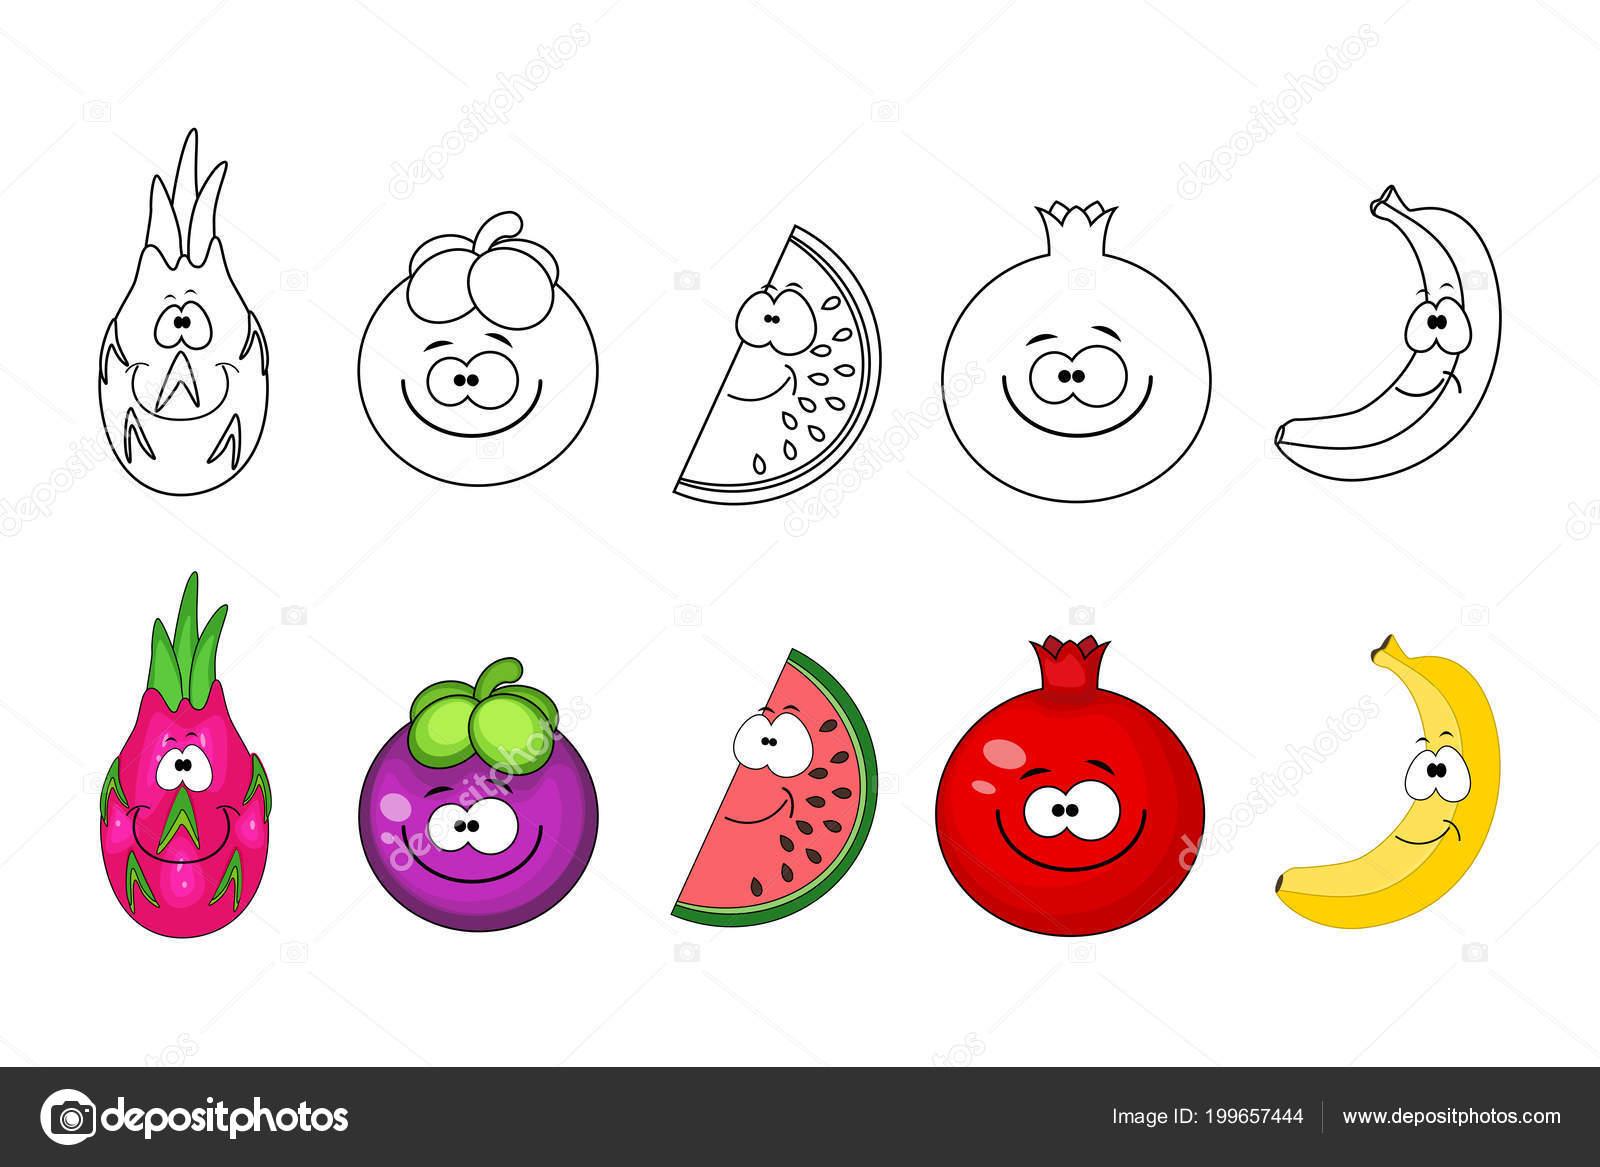 Jeu de dessin anim de fruits pages de livre colorier pour les enfants fruit du dragon - Grenade fruit dessin ...